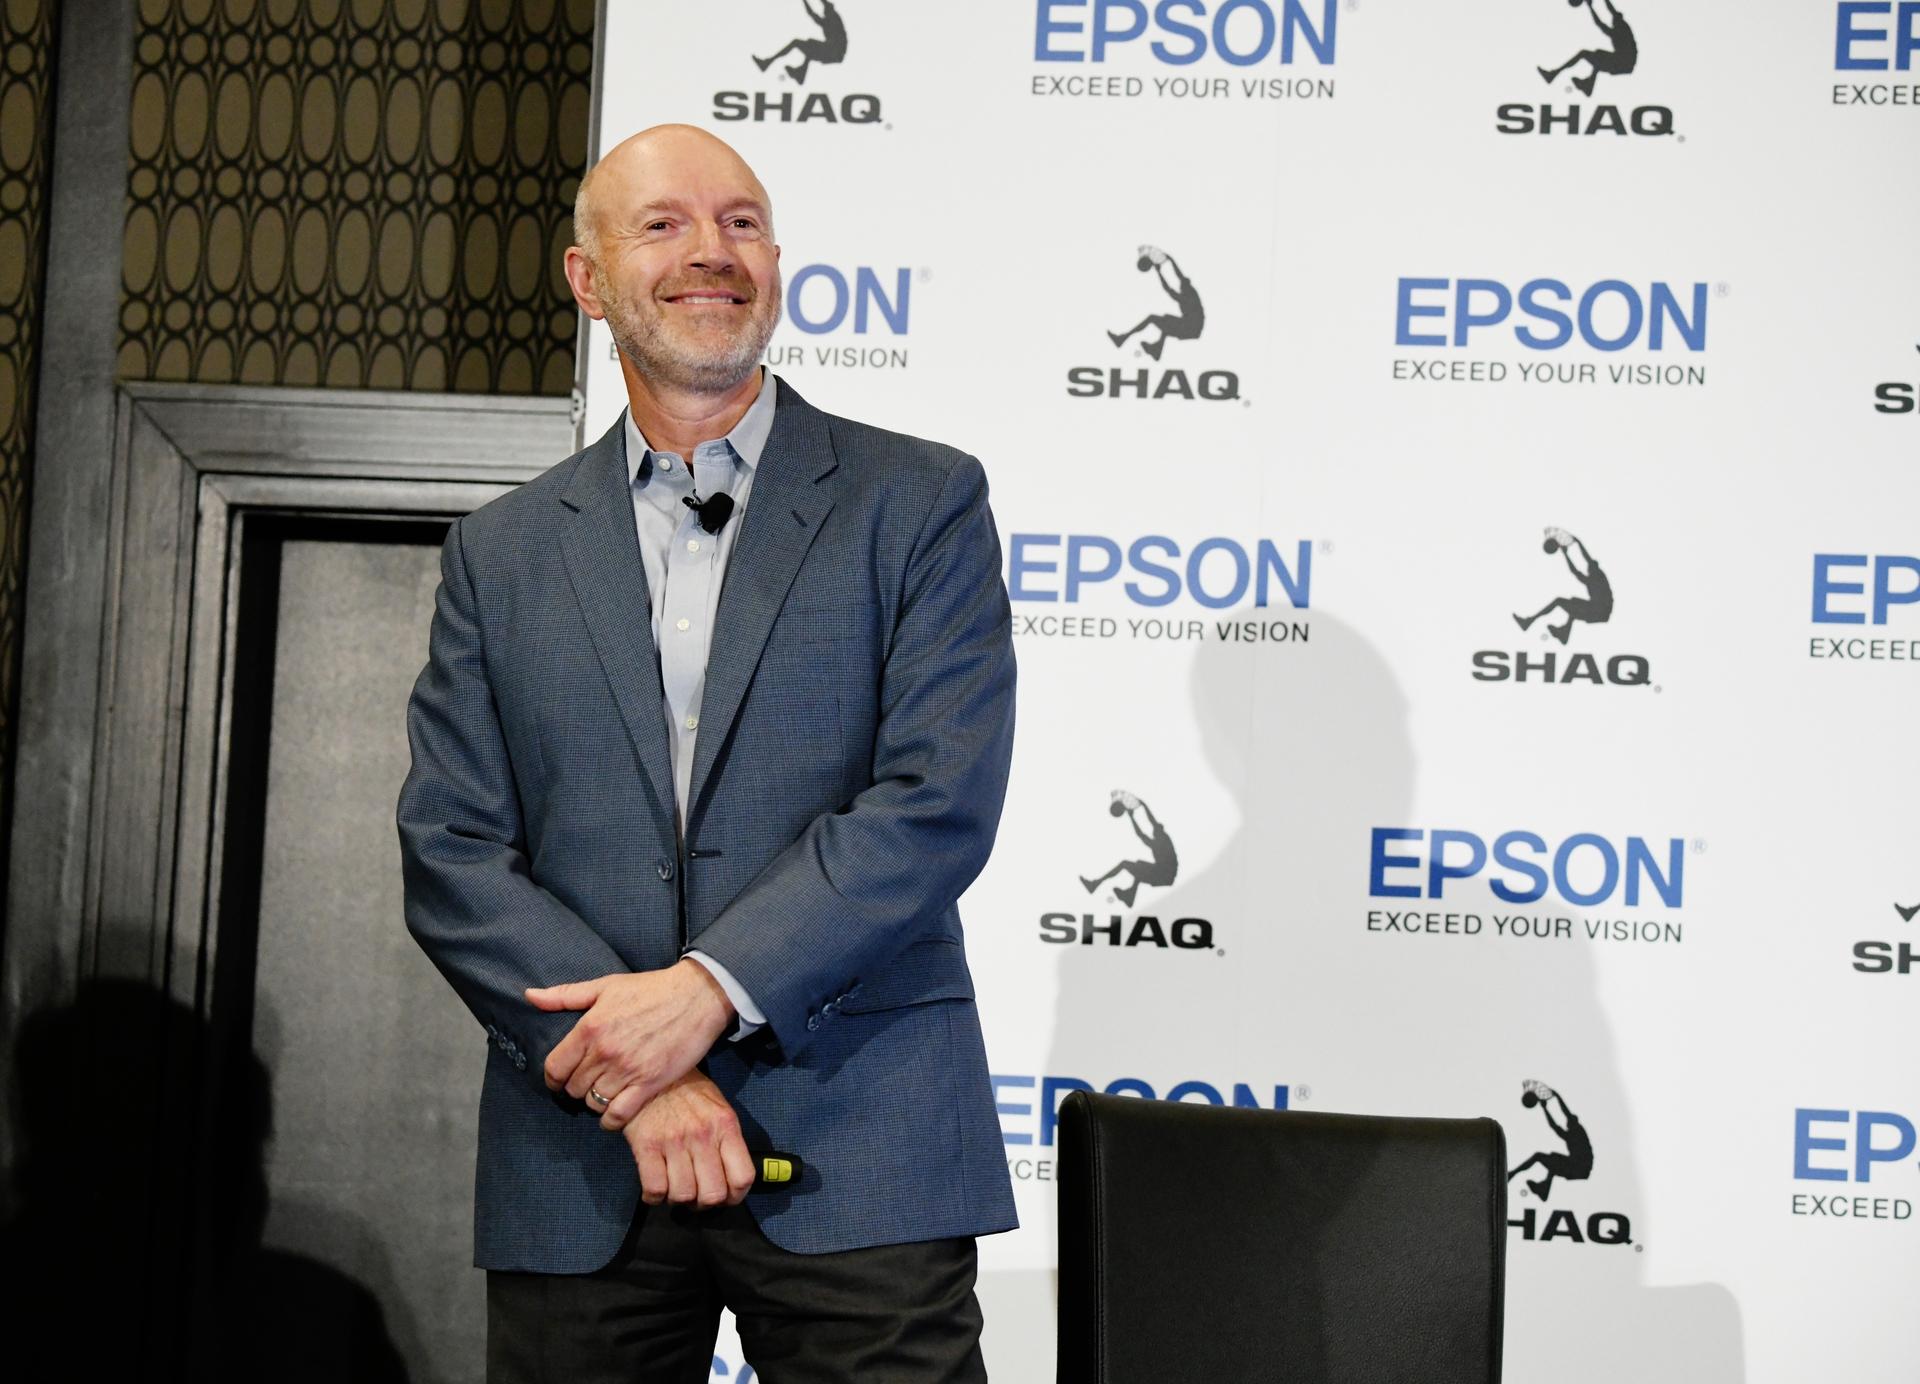 Epson July 9 Media Event_Keith Kratzberg_Image